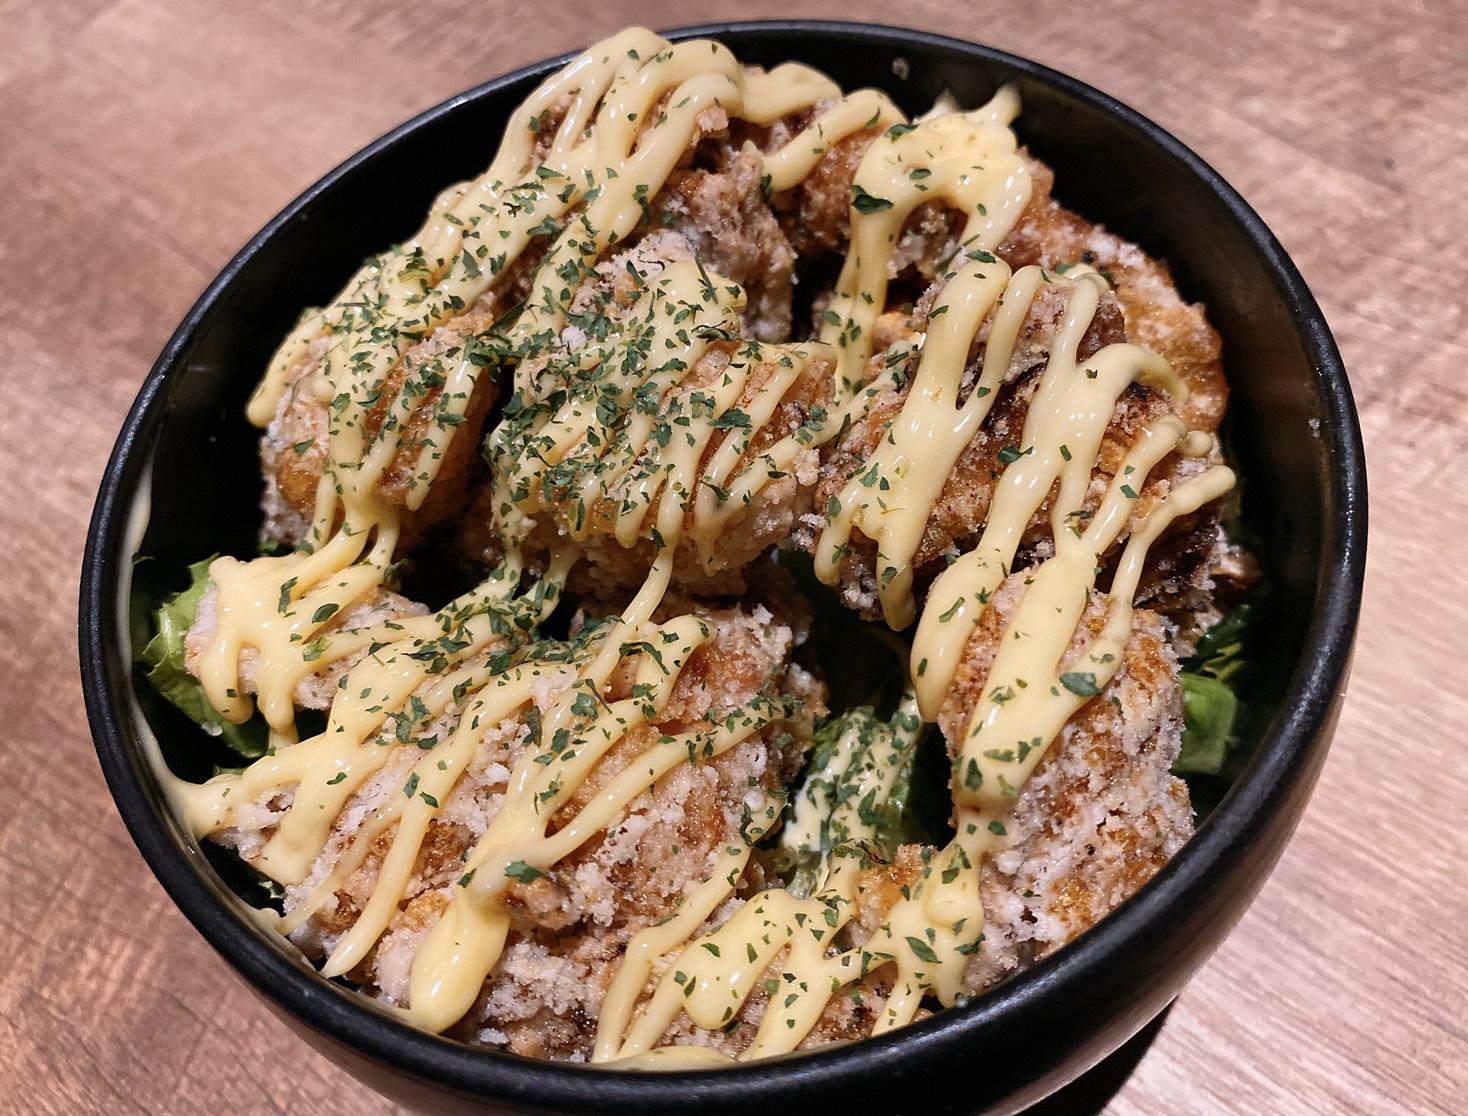 東京都・歌舞伎町 「片山鳥肉店」特製 鶏の唐揚げ丼【飲食店応援企画】